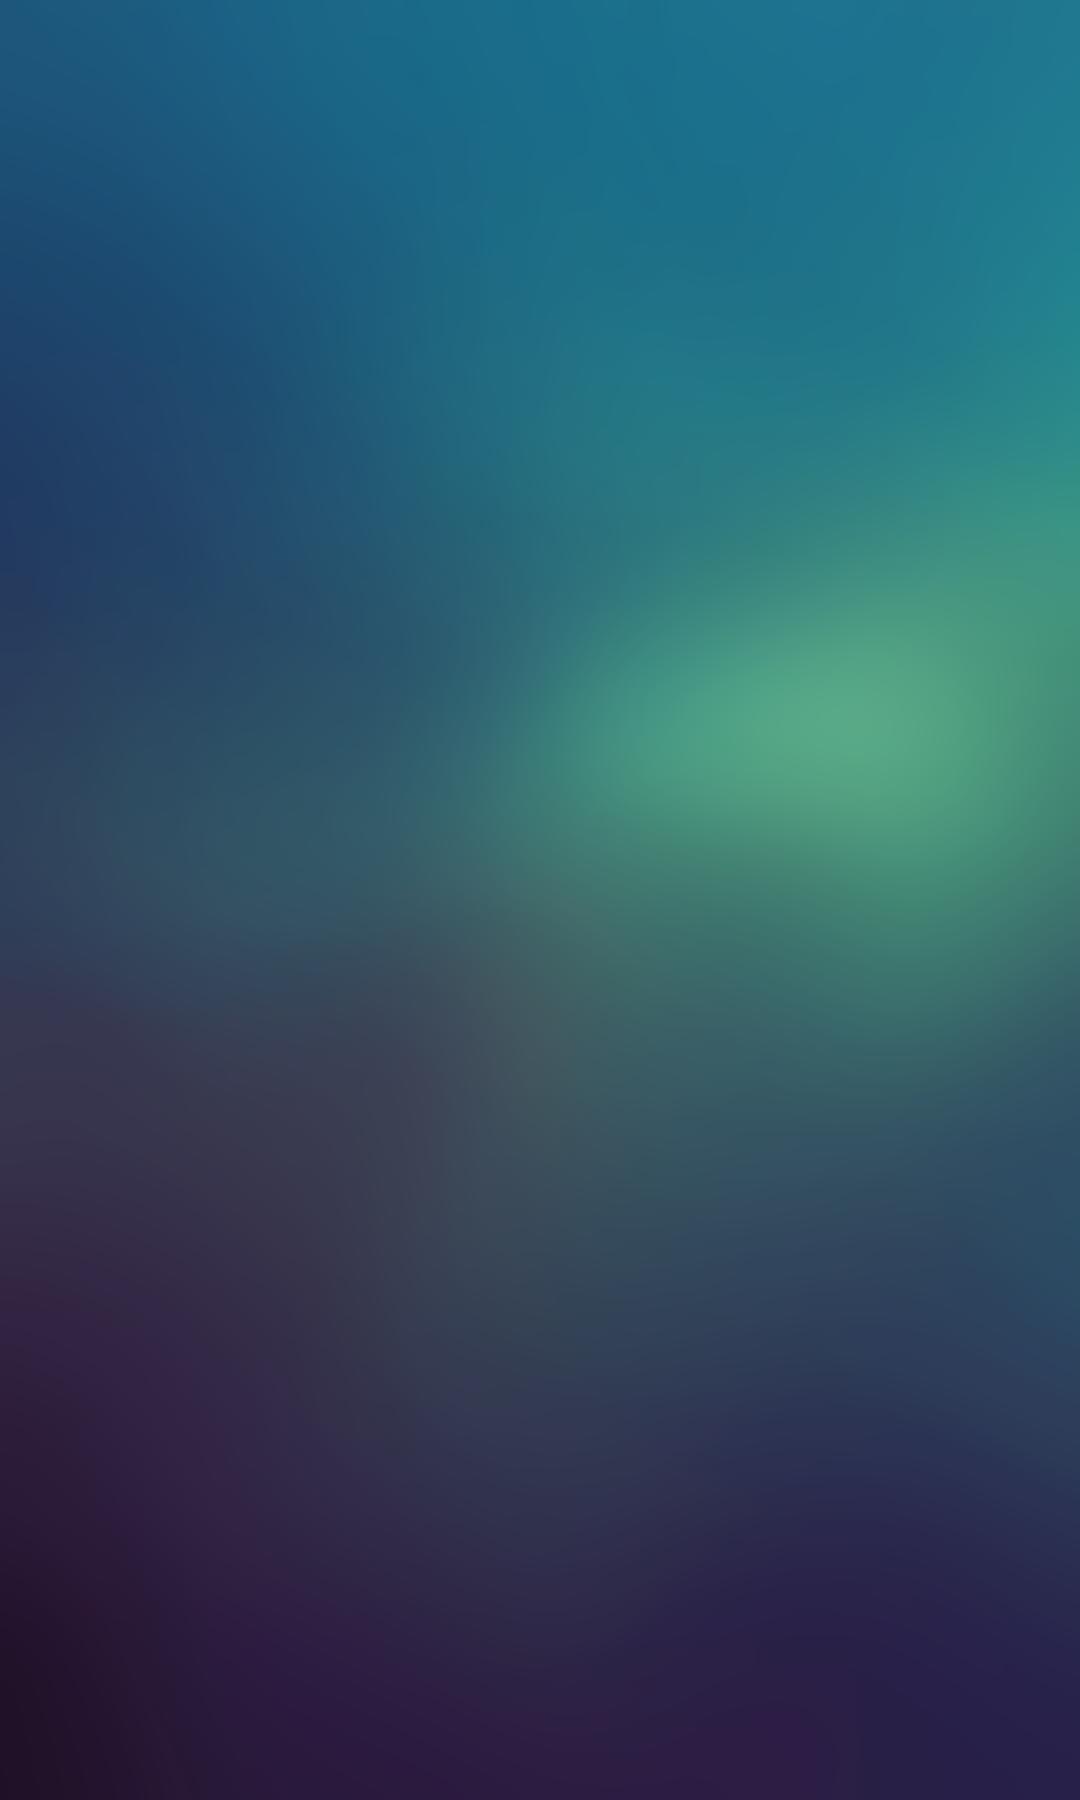 背景 壁纸 风景 天空 桌面 1080_1800 竖版 竖屏 手机